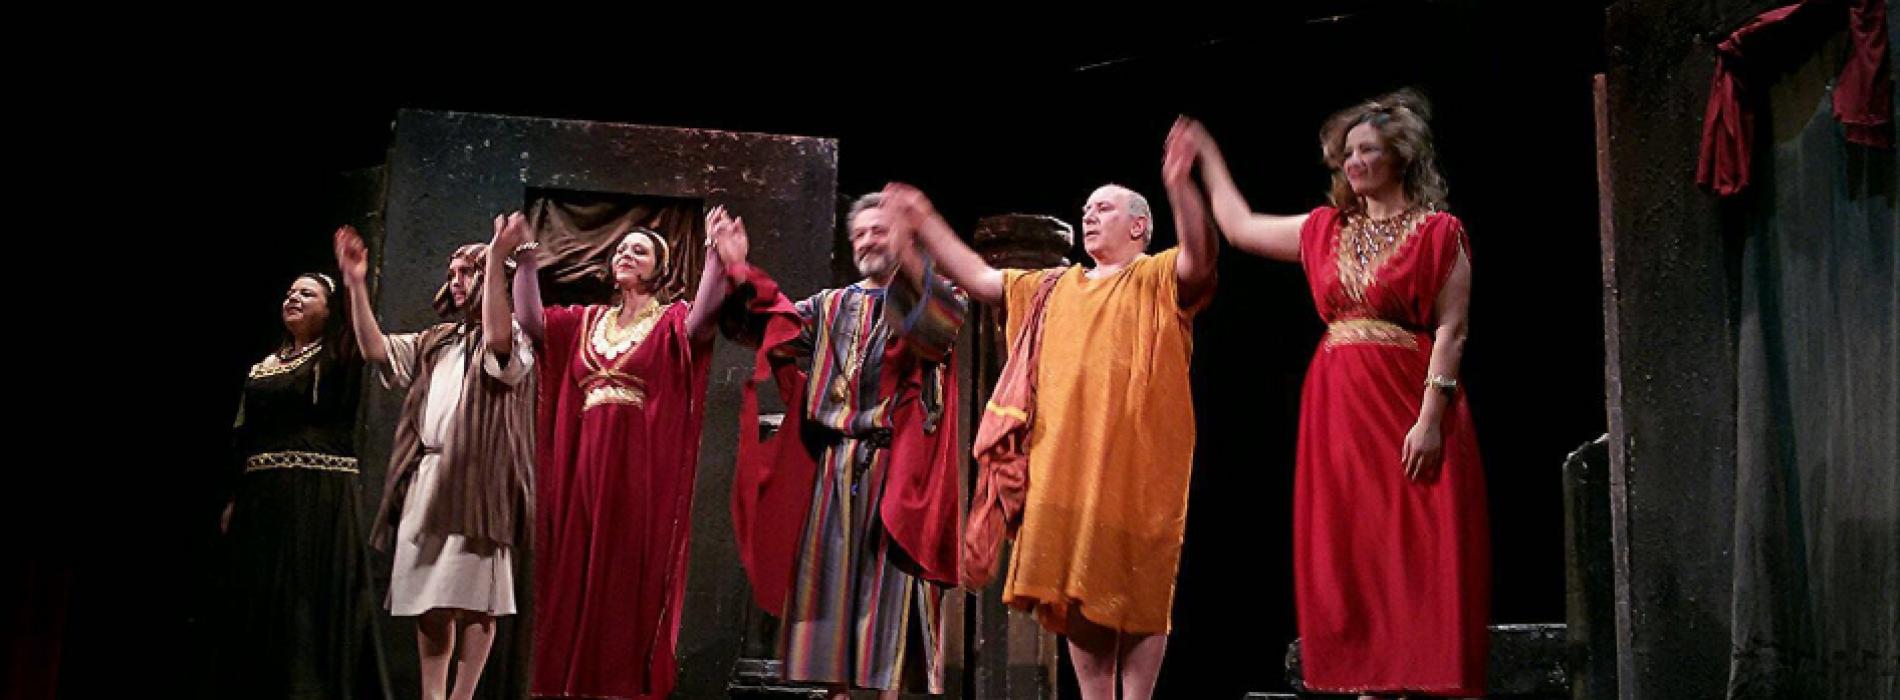 Artestate a Casagiove. Teatro musica e arte per la 29esima edizione